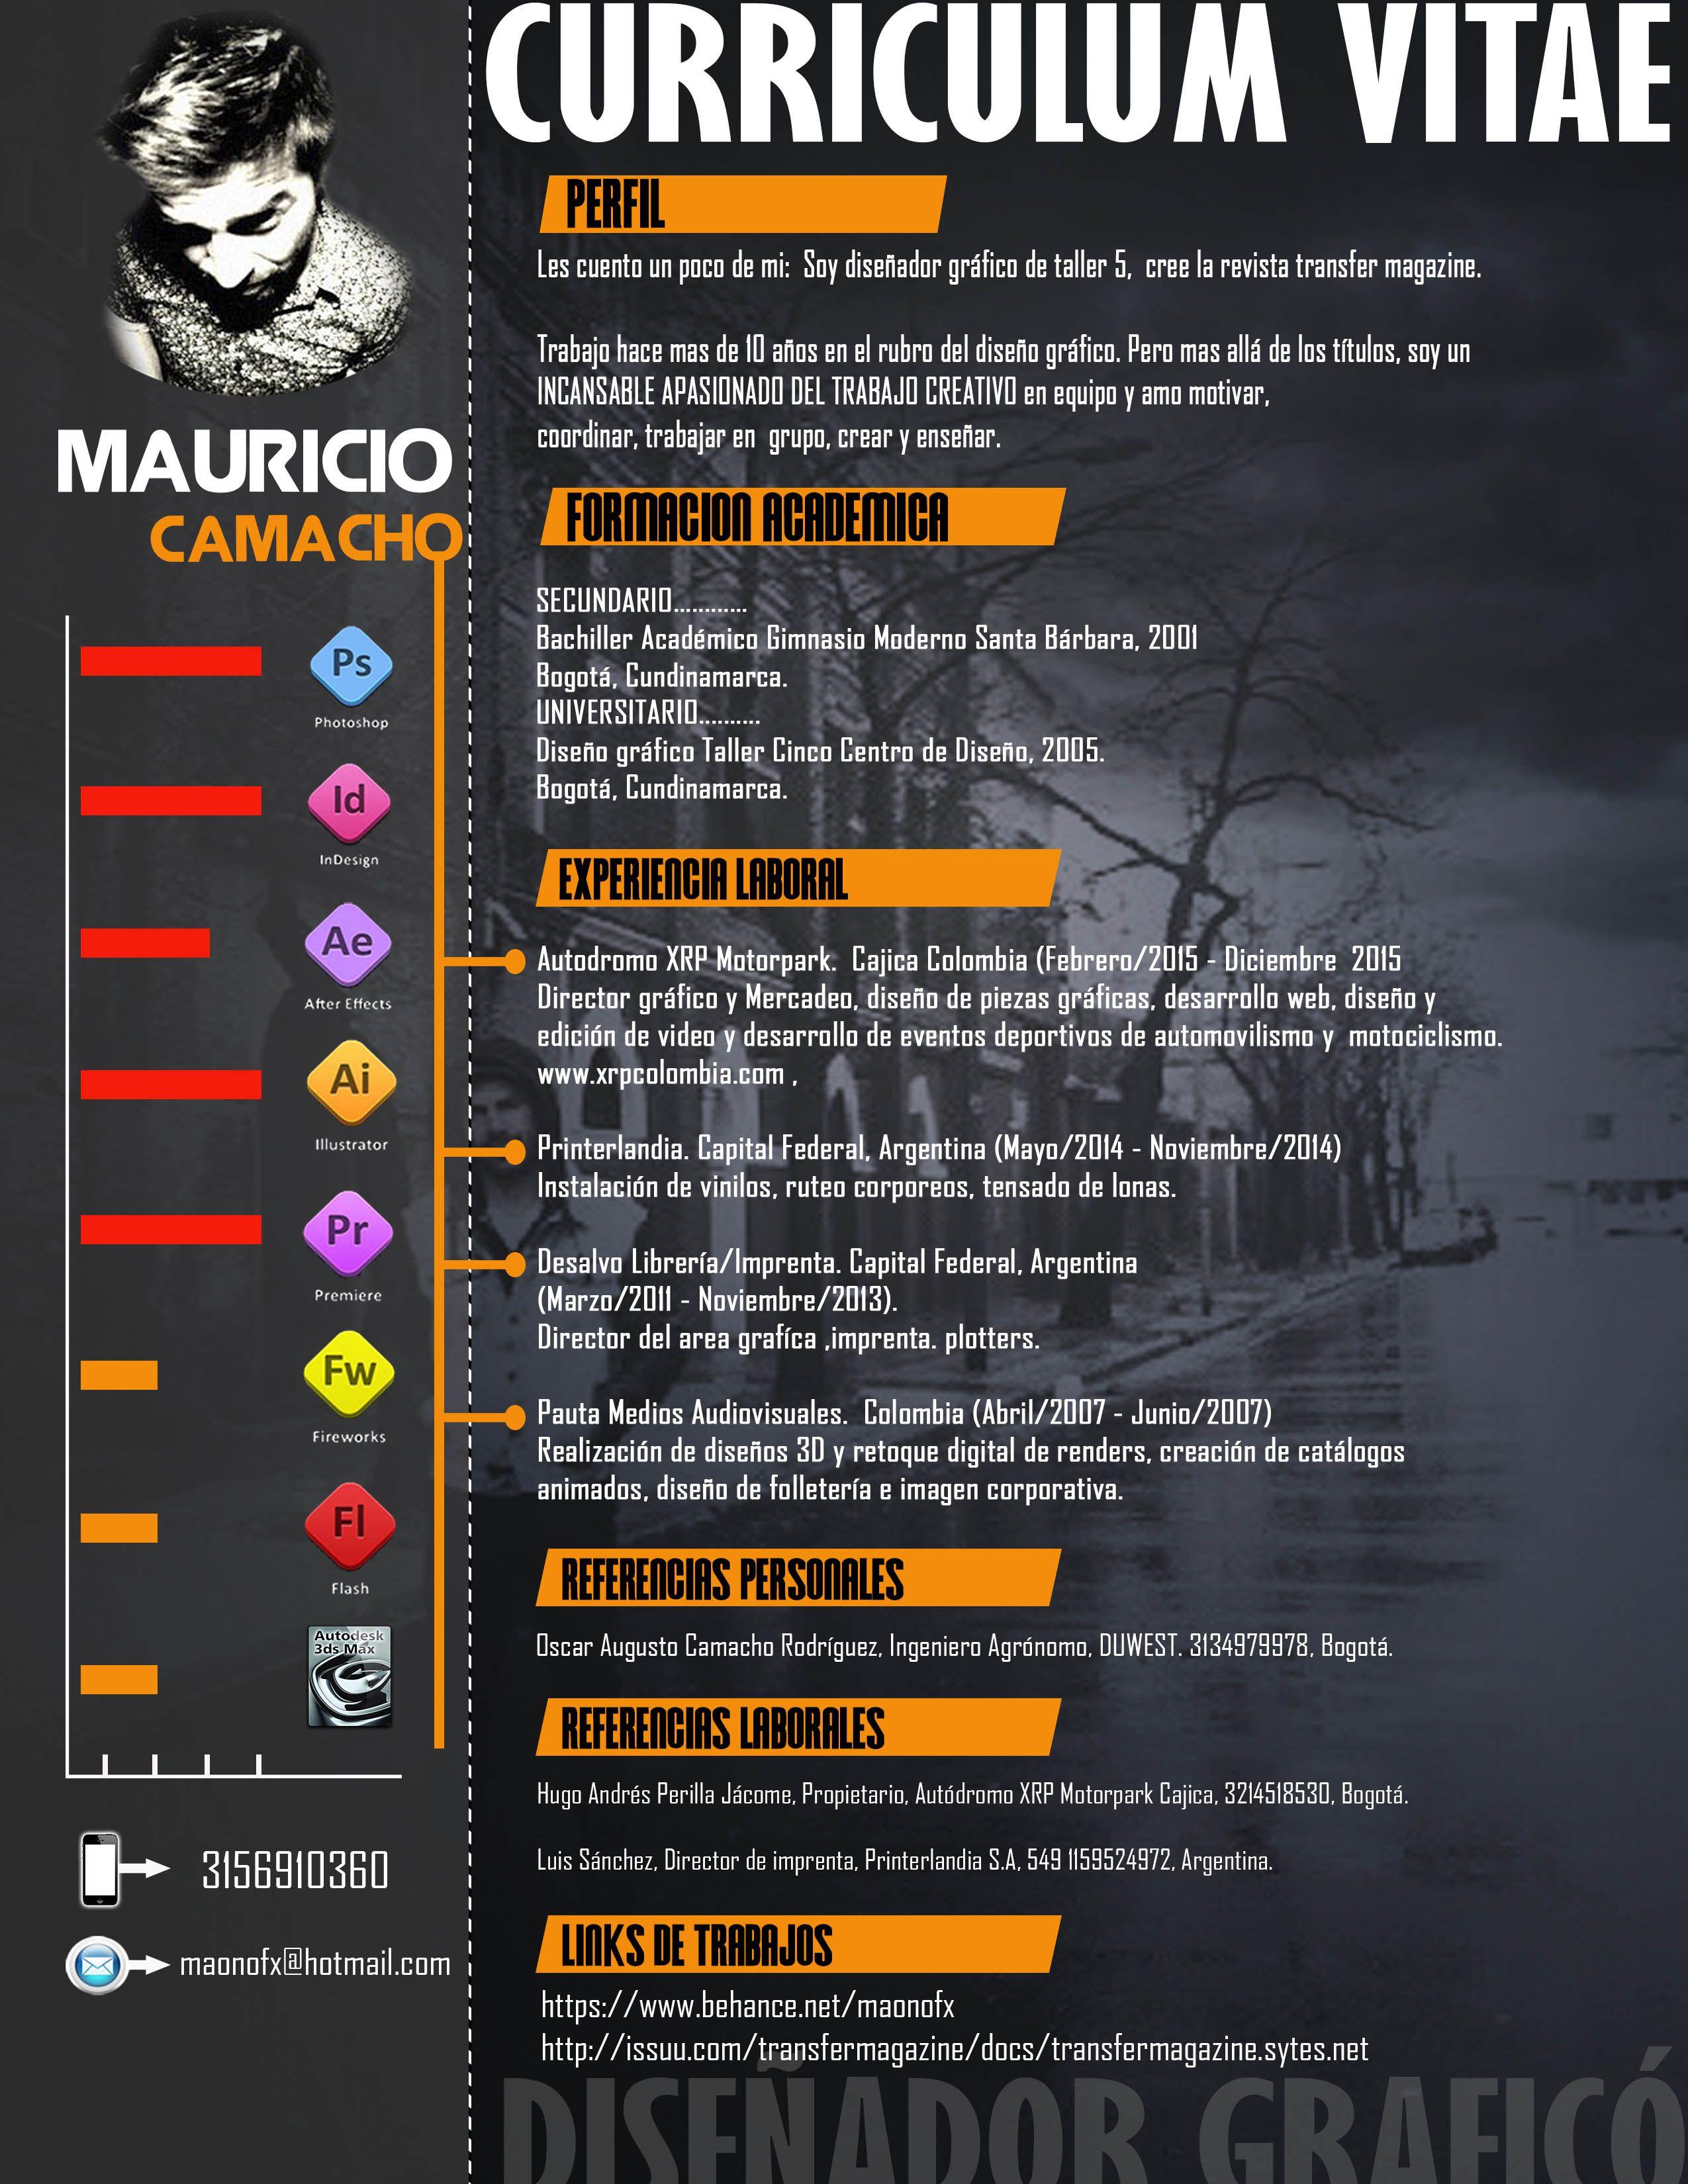 CURRICULUM VITAE MAURICIO CAMACHO R DISEÑADOR GRAFÍCO | Diseñador ...